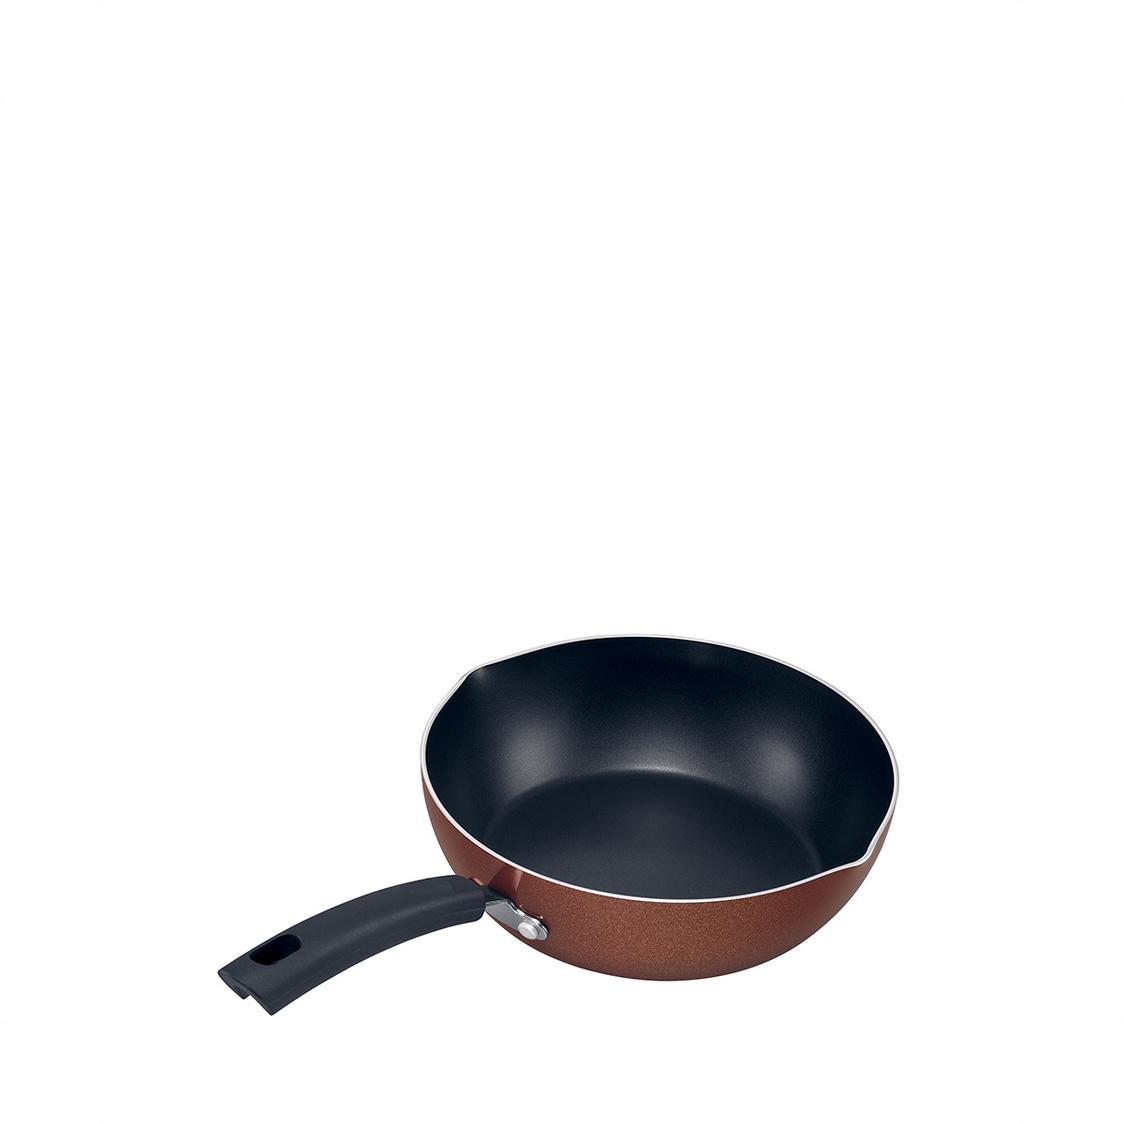 Meyer Brown 20cm Open Chef Pan